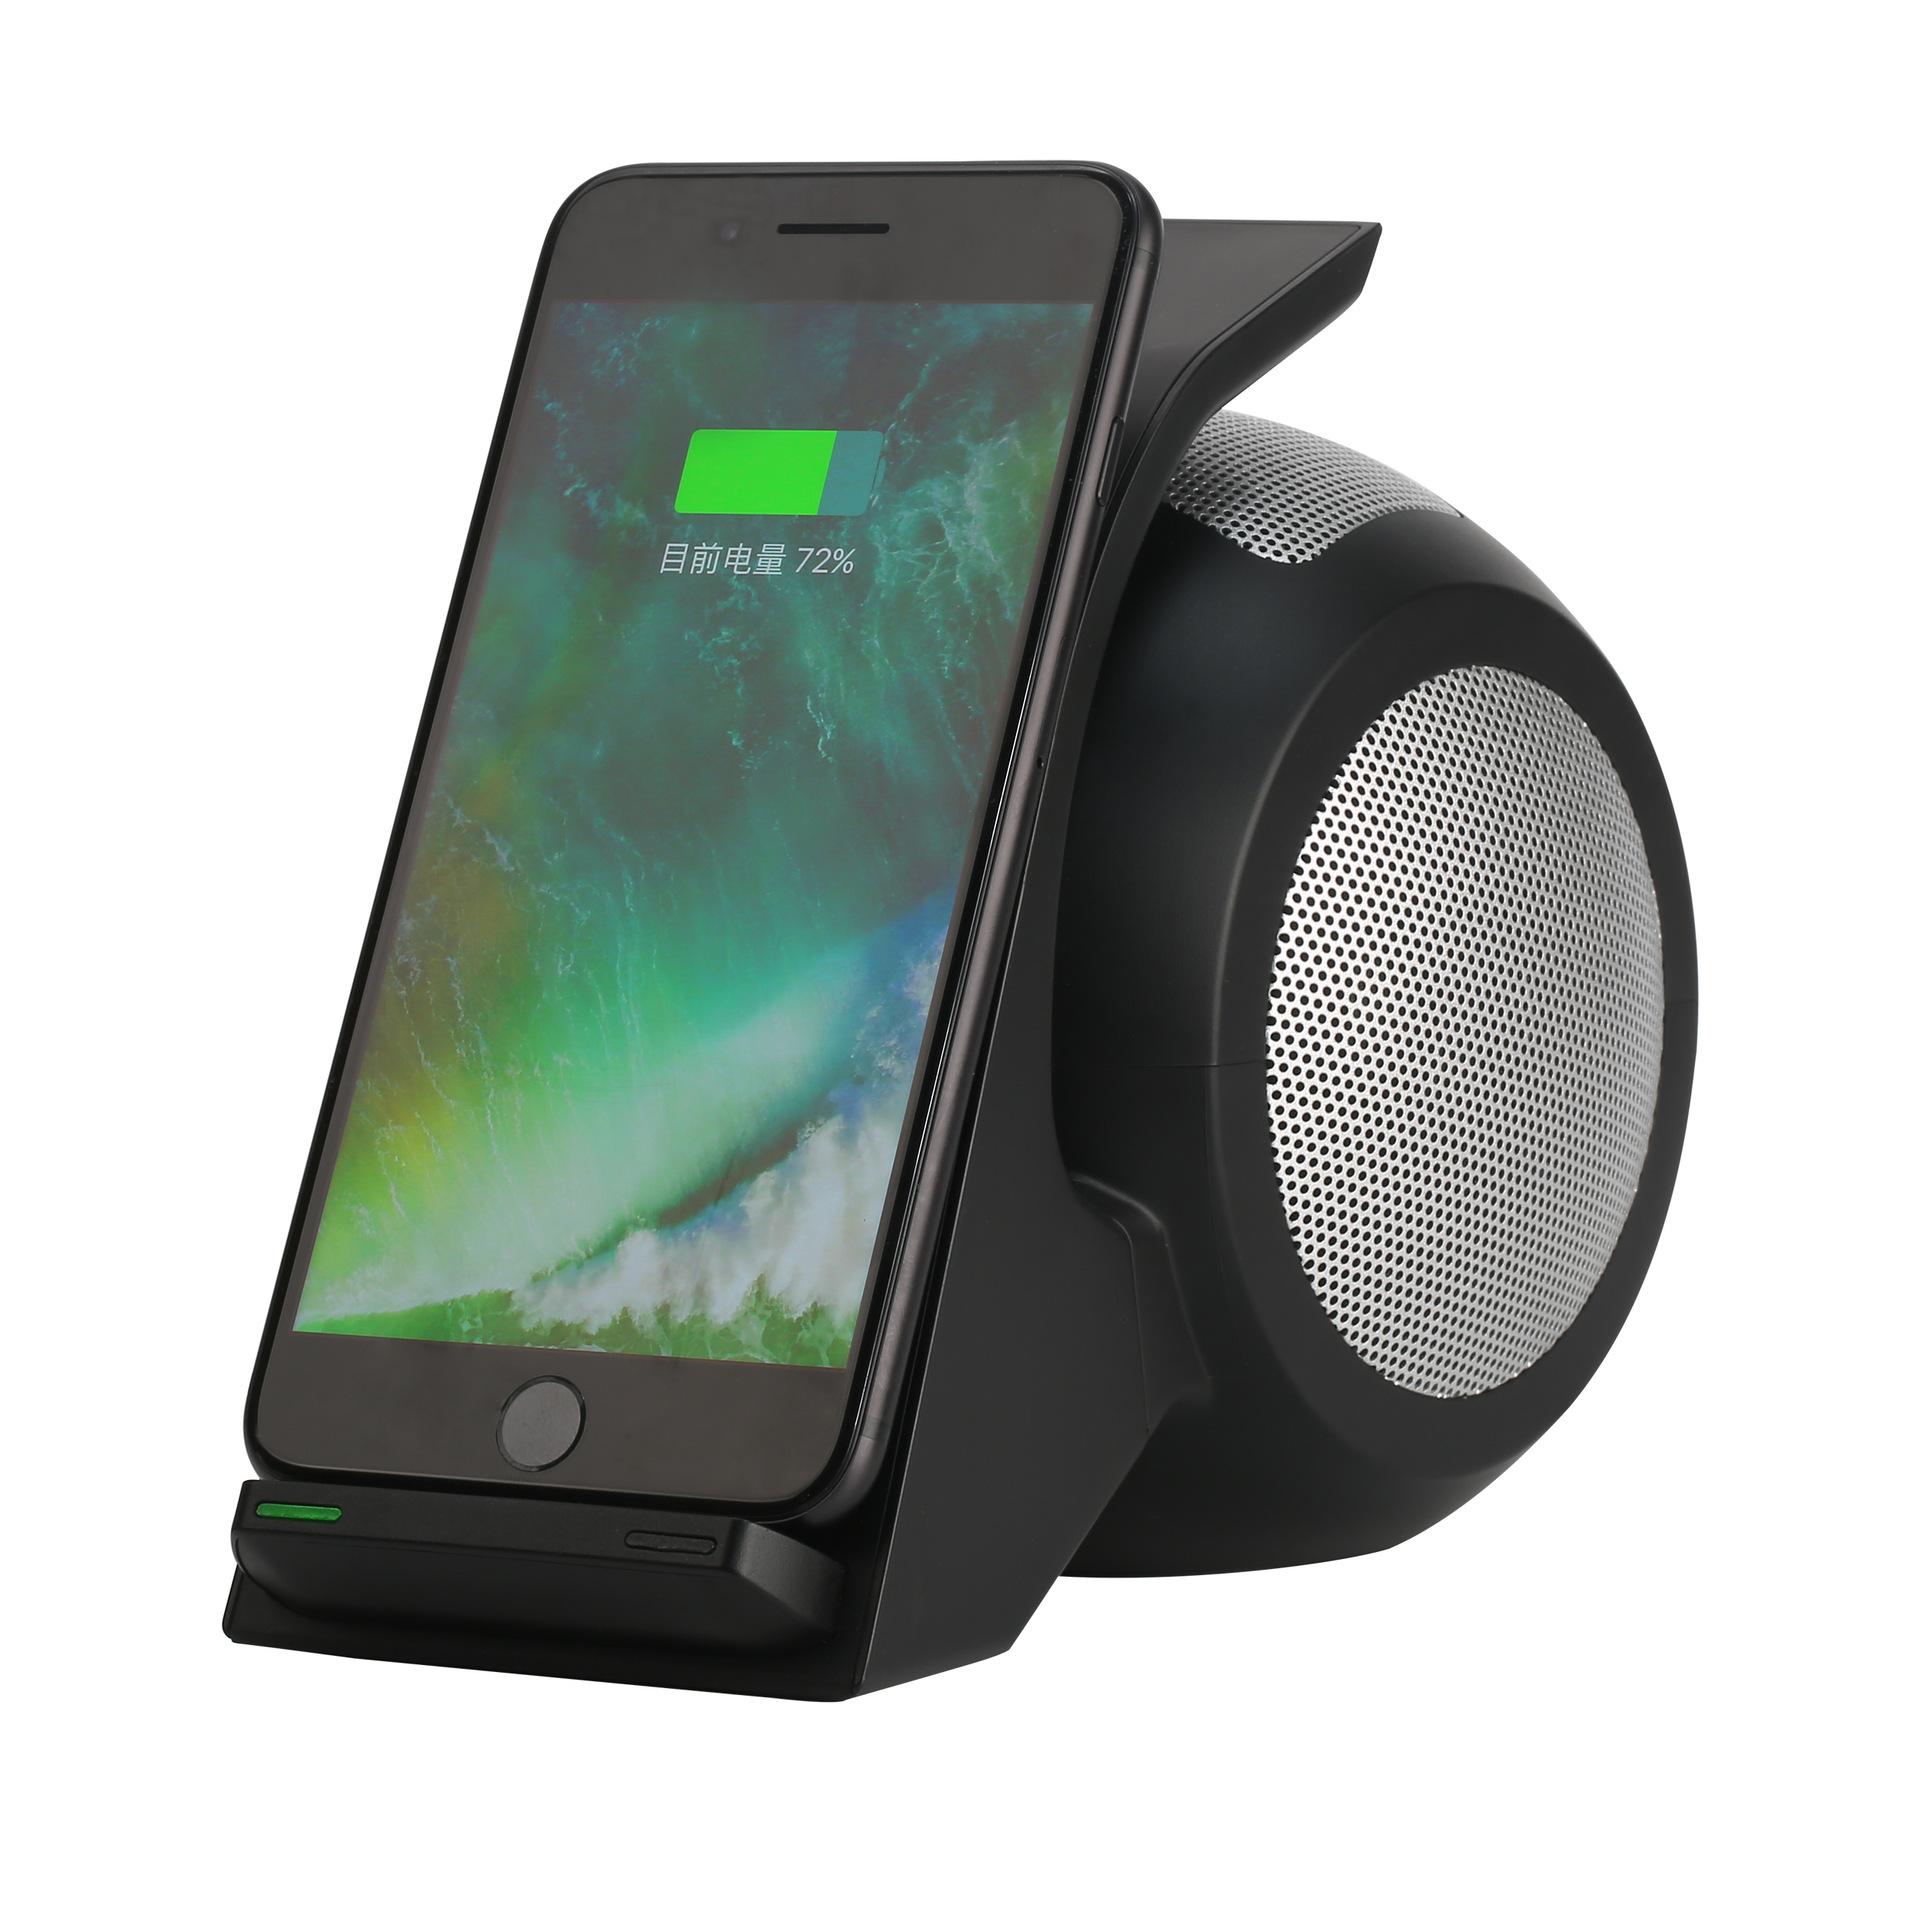 WN1手机无线充电器蓝牙音箱蜗牛音响快充座充重低音智能连接创意